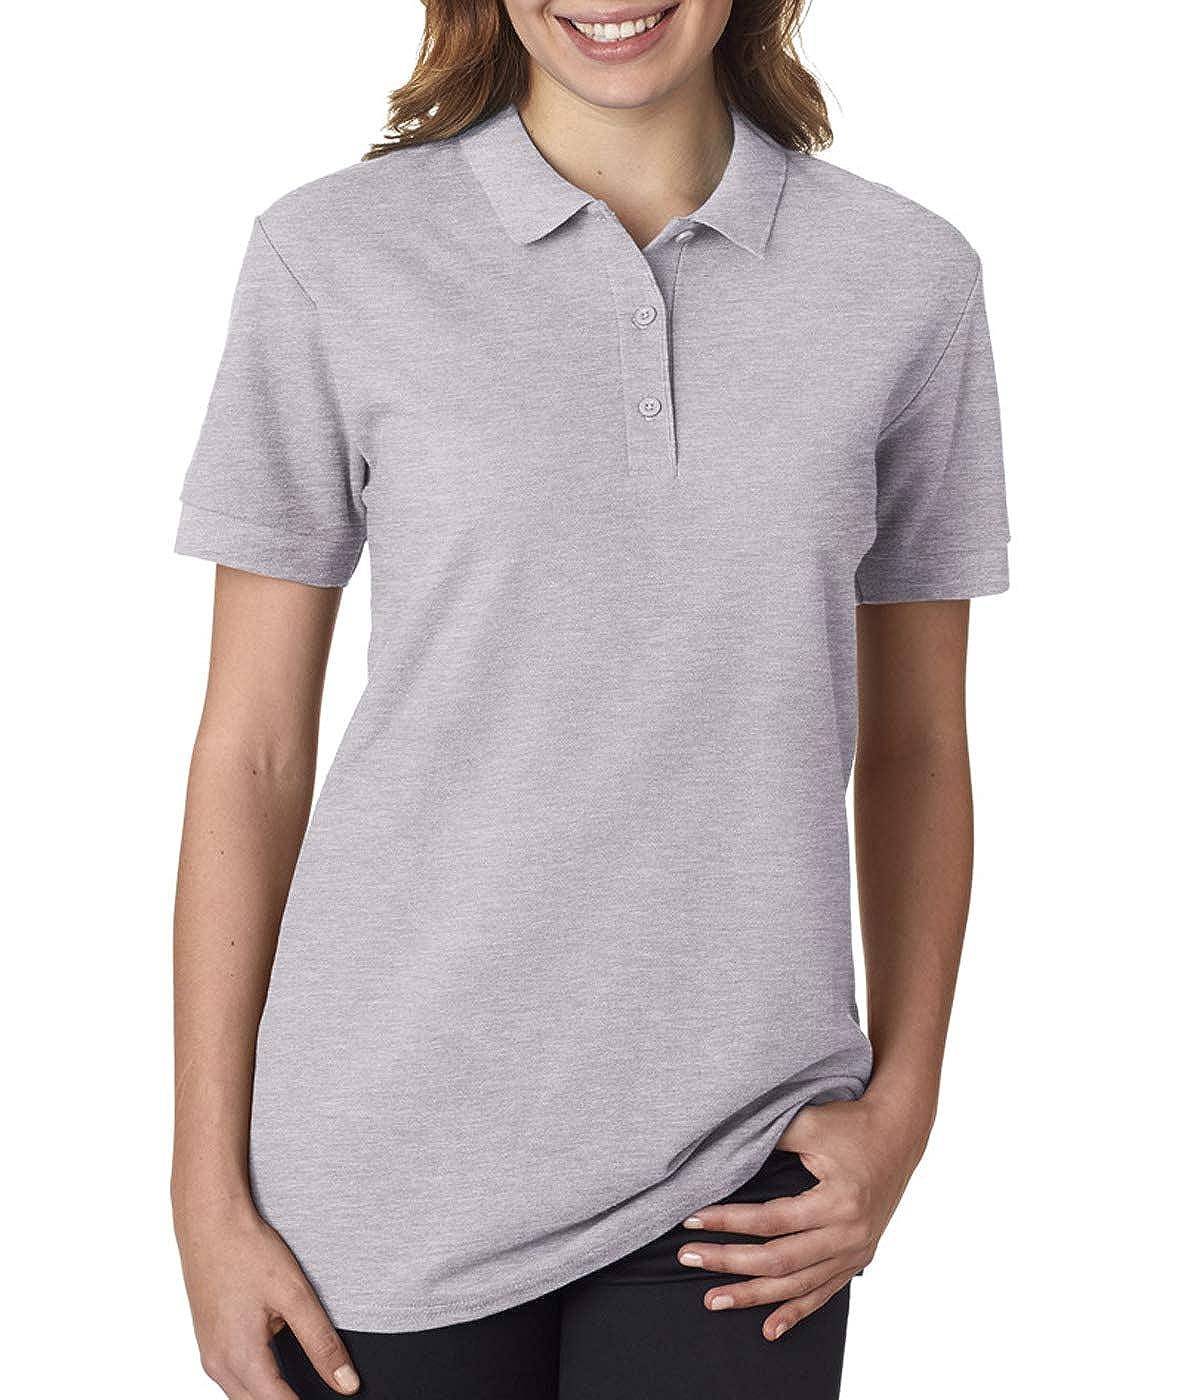 Womens Premium Cotton Double piqu/é Sport Shirt